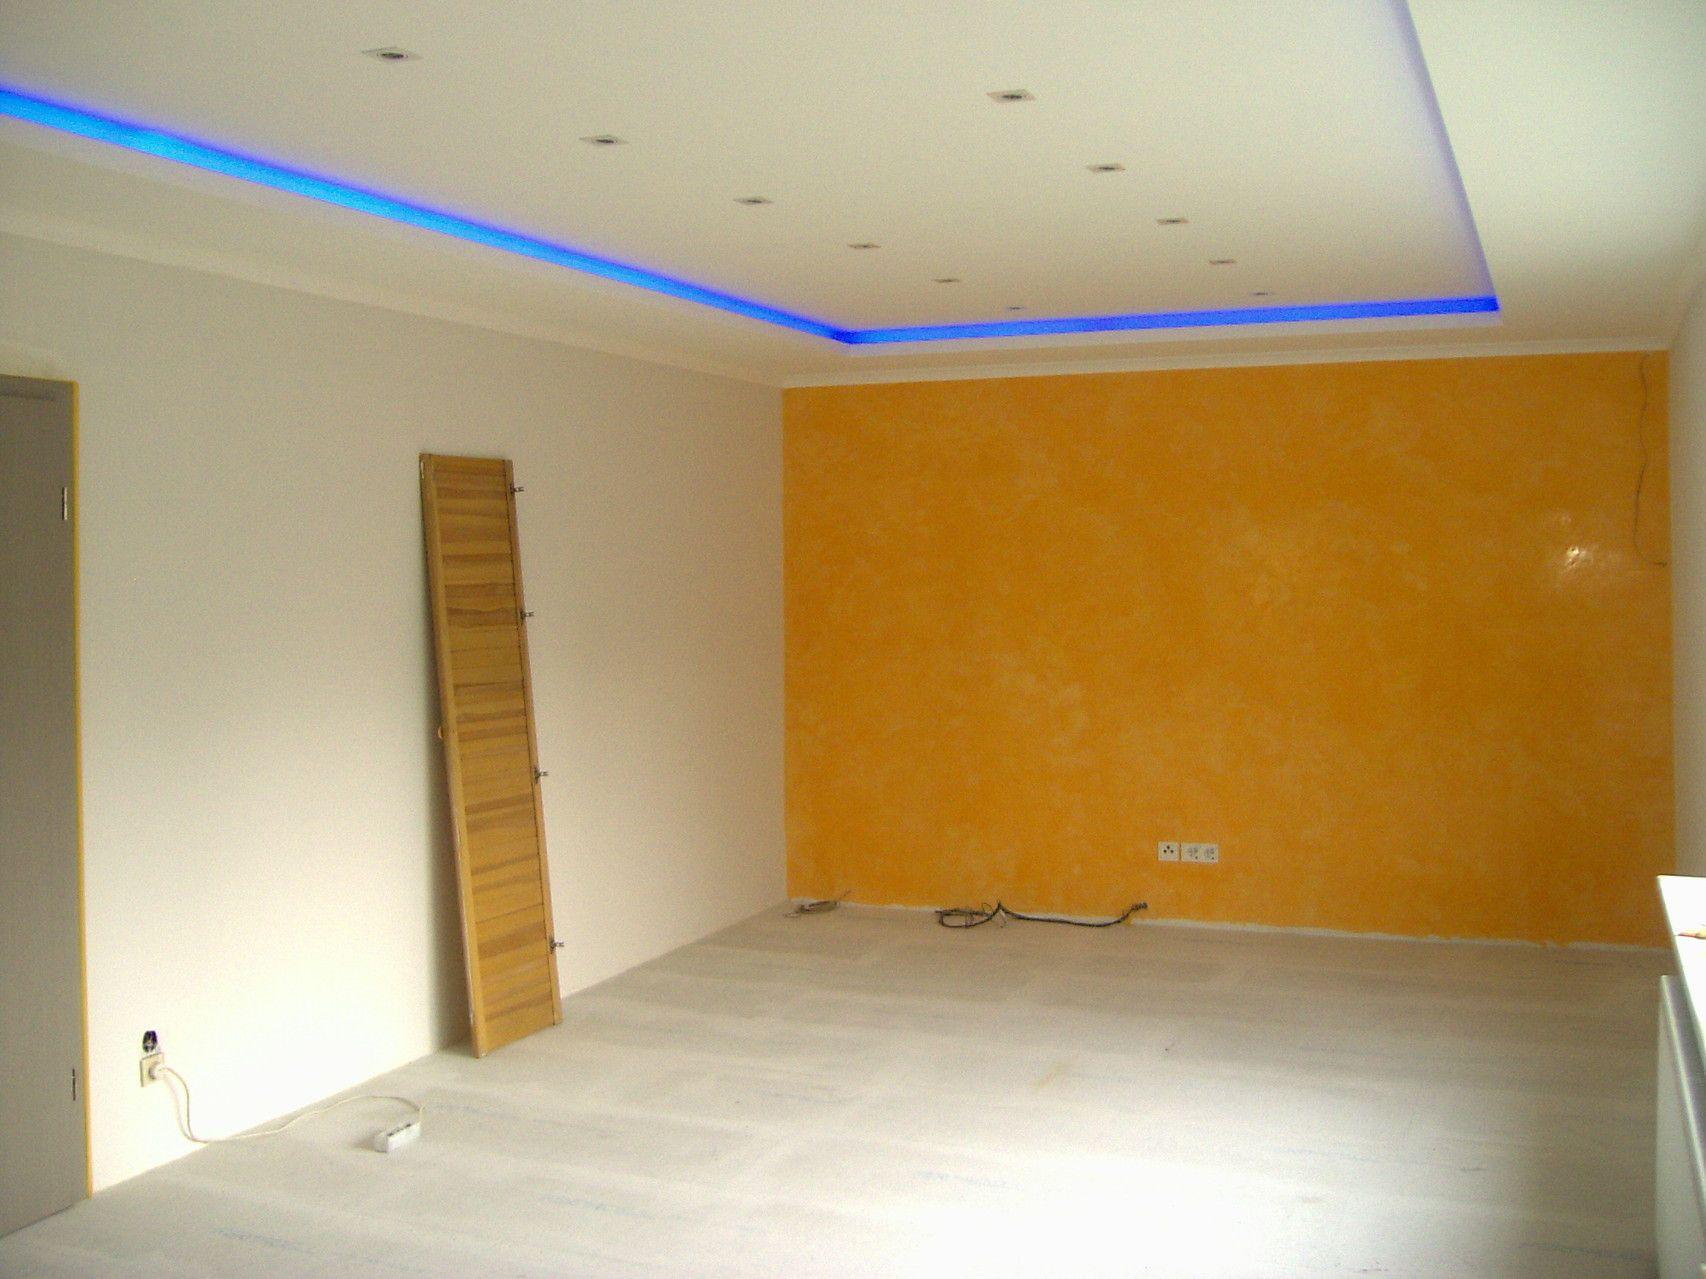 indirekte beleuchtung mit farbigen lampen stuck zierprofile und beleuchtung beleuchtung. Black Bedroom Furniture Sets. Home Design Ideas